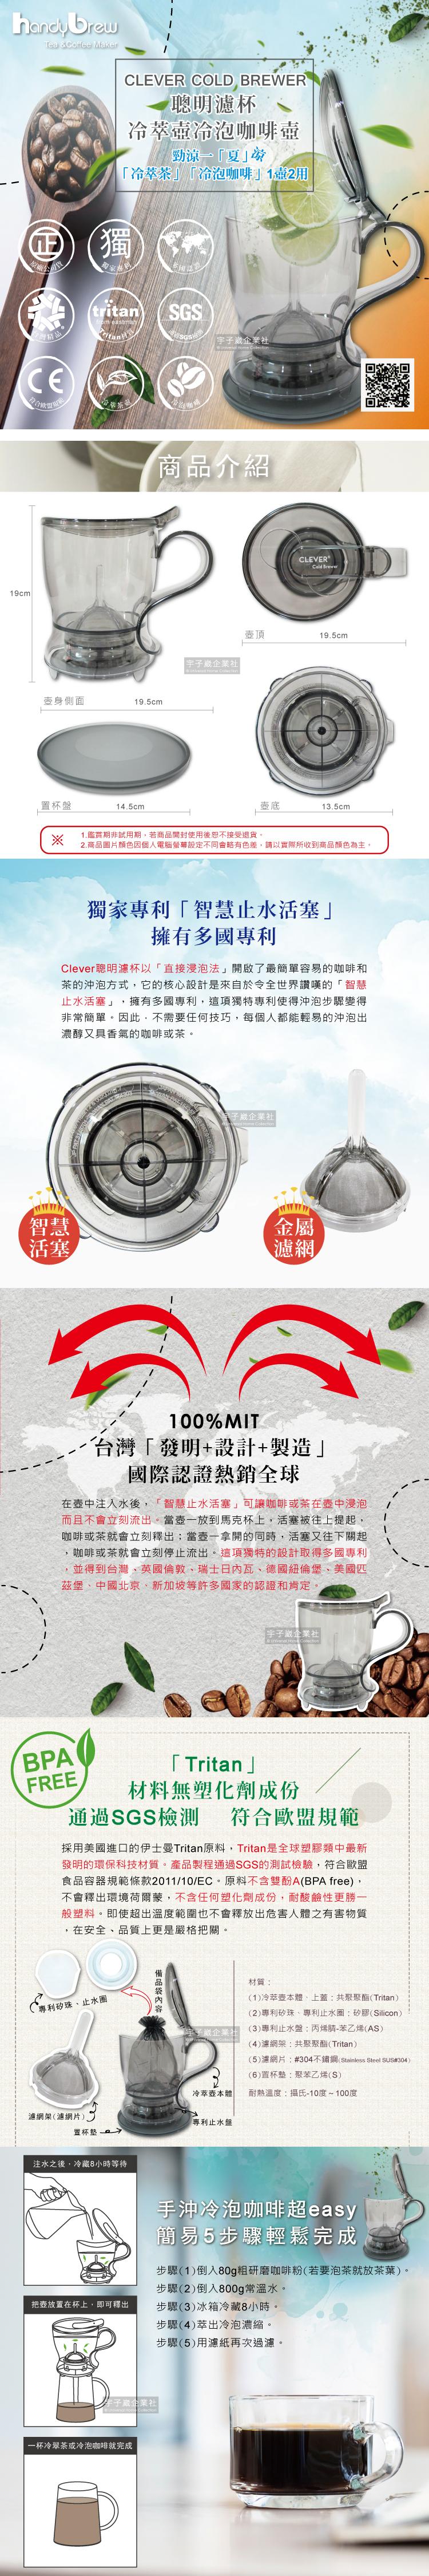 聰明濾杯冷萃壺(型號C-70898)介紹圖